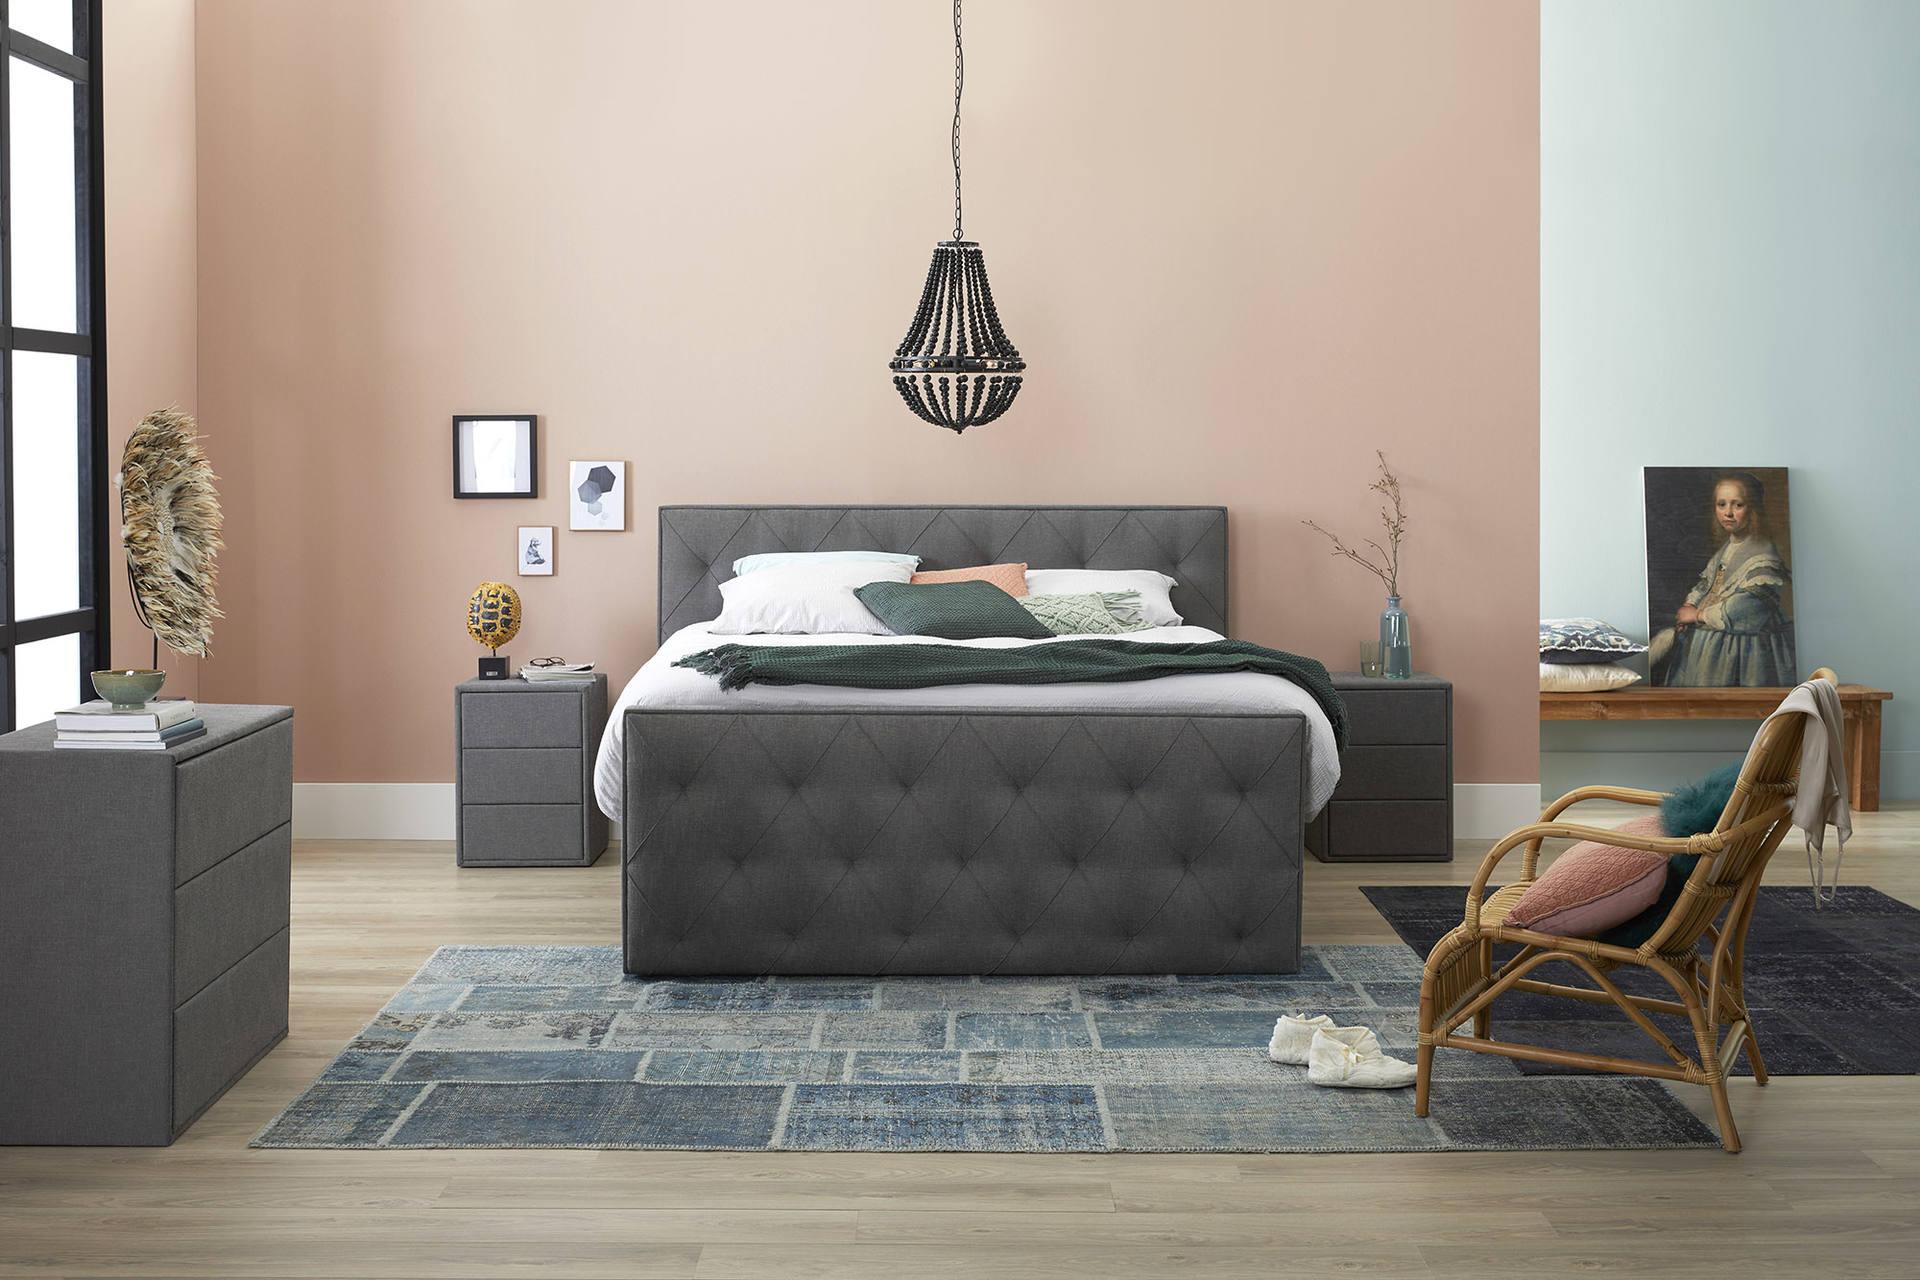 Goossens woonmaand die wil je niet missen welkom bij goossens wonen en slapen - Volwassen slaapkamer kleur ...